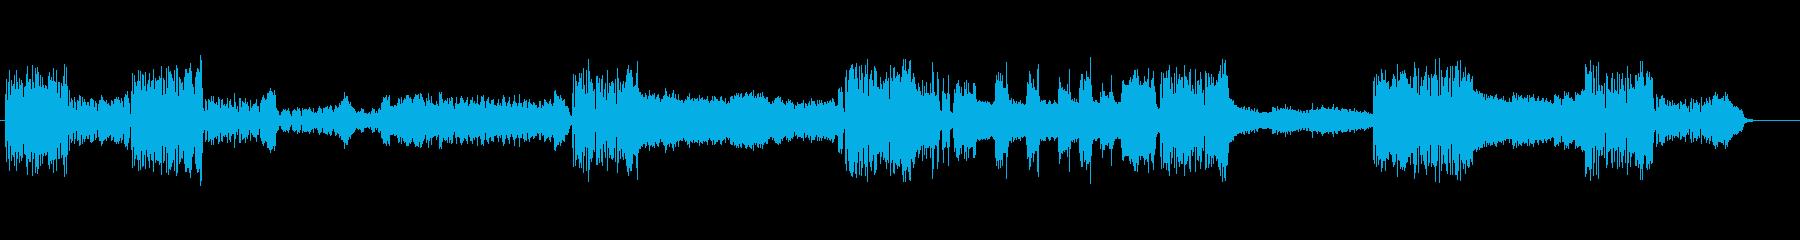 [春] ビバルディ/「四季」より「春」の再生済みの波形